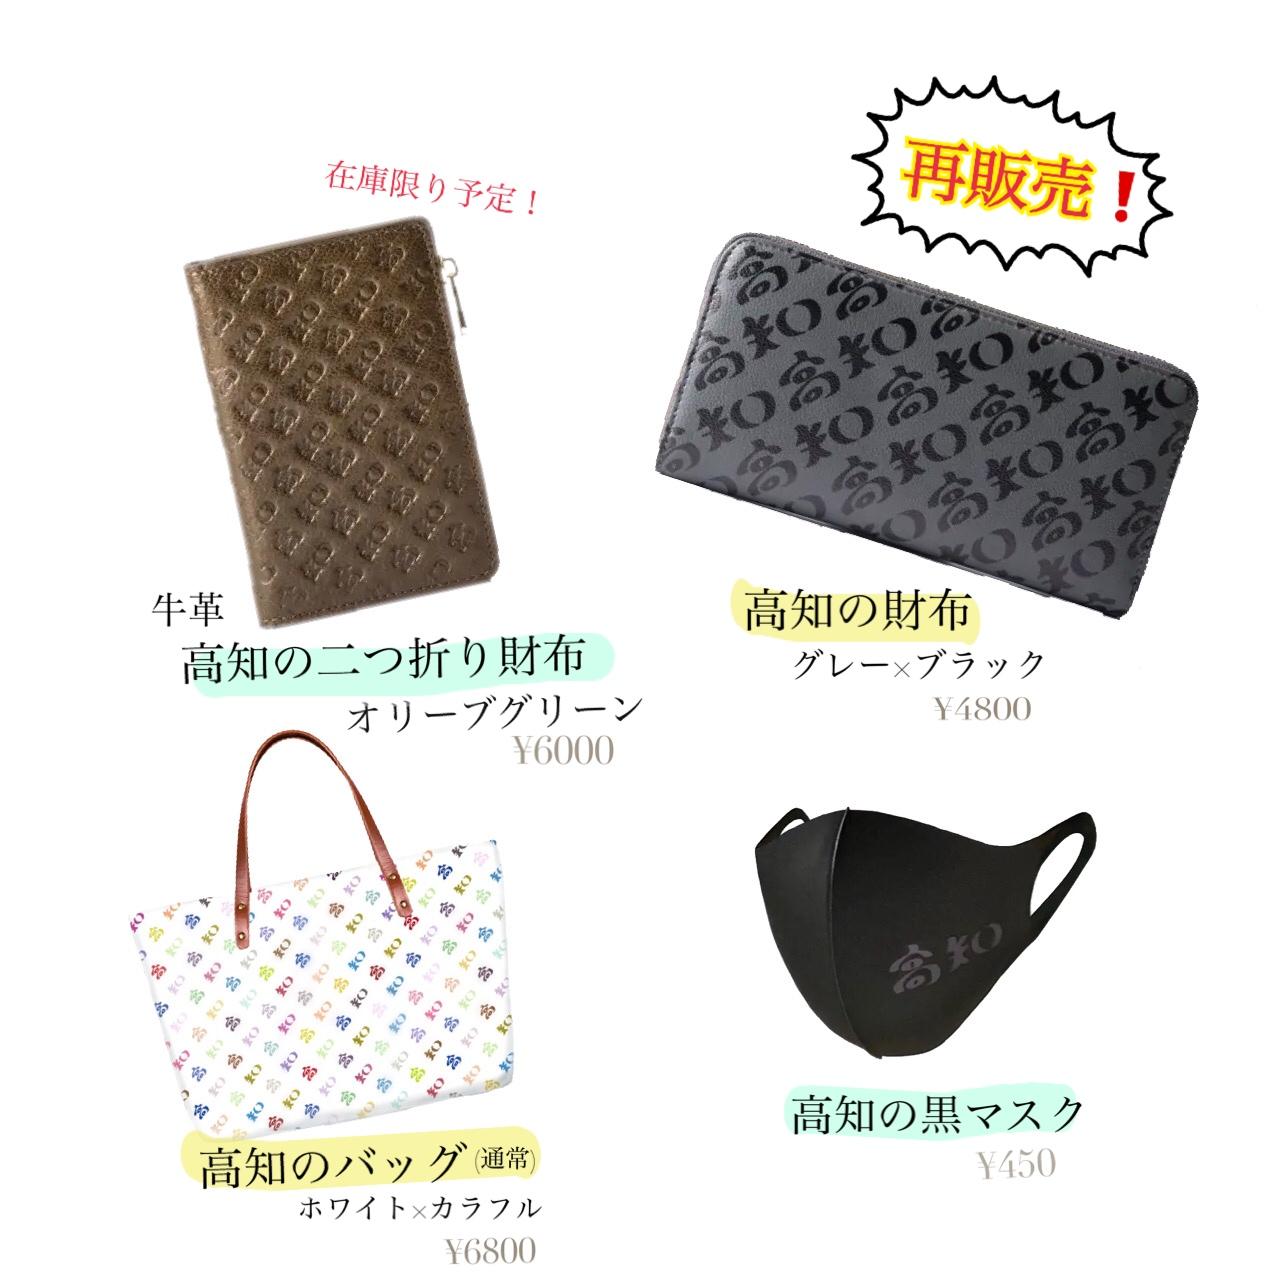 6/15 財布、バッグ、マスク再販売開始しました❗️